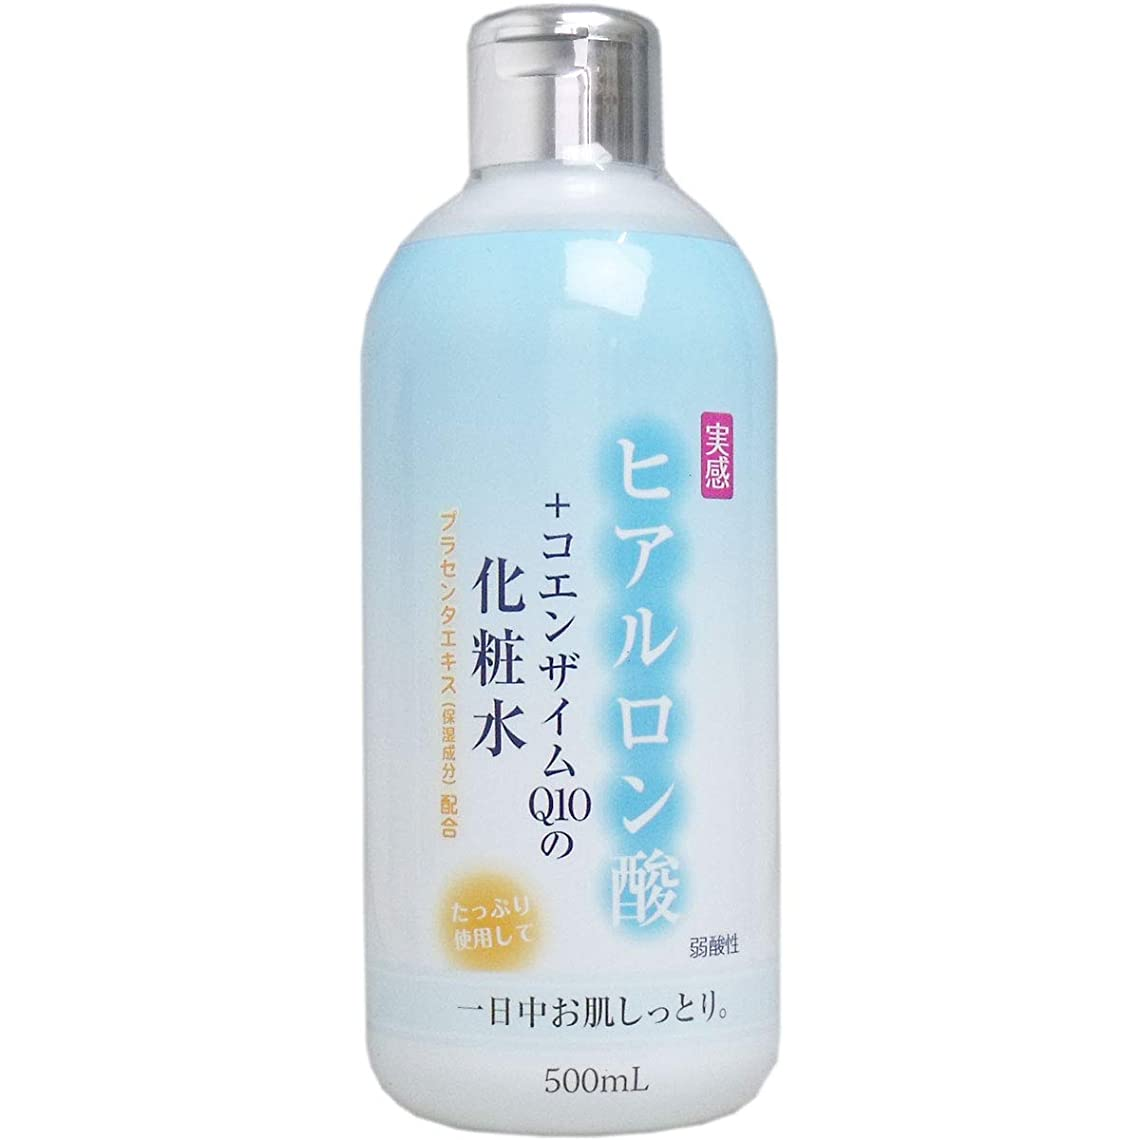 無心集まる環境ヒアルロン酸+コエンザイムQ10 化粧水 500mL